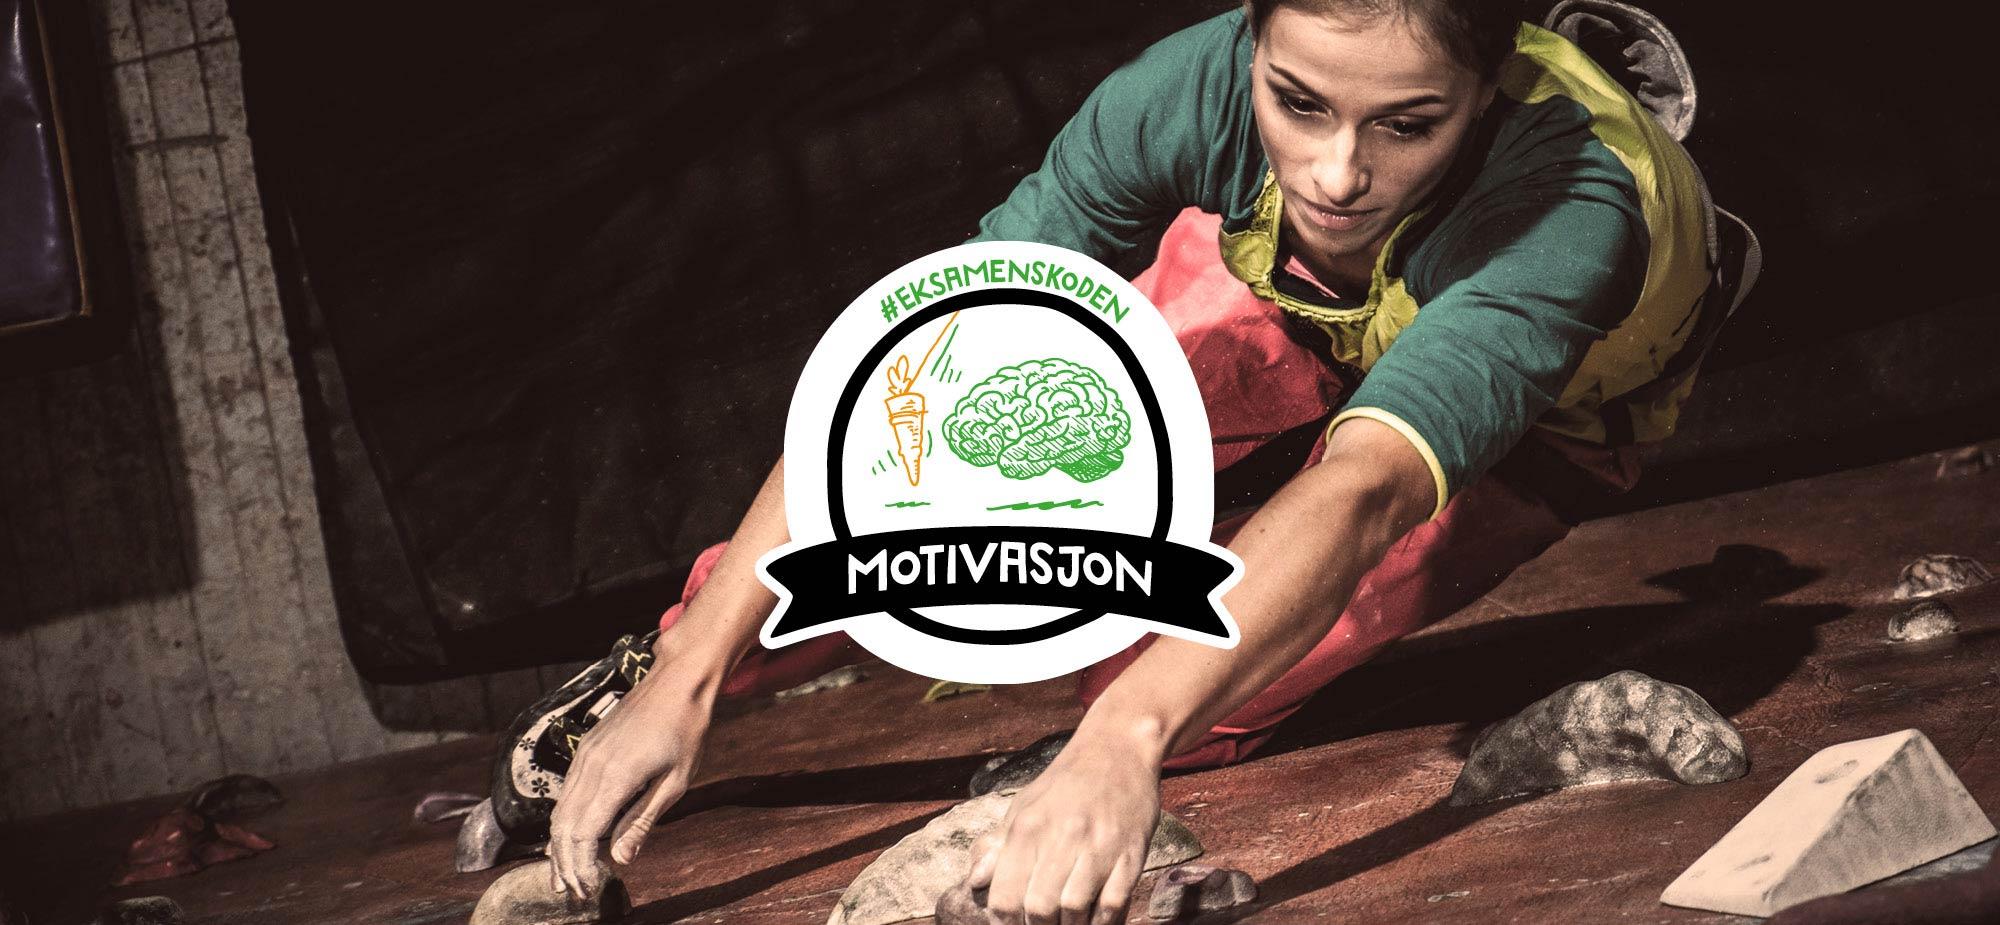 Eksamenskoden fokusområdet Motivasjon